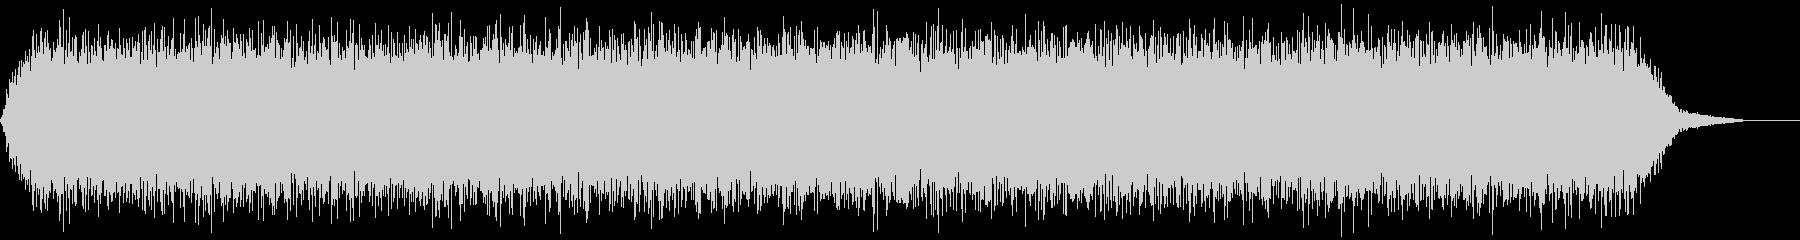 【アンビエント】ドローン_25 実験音の未再生の波形